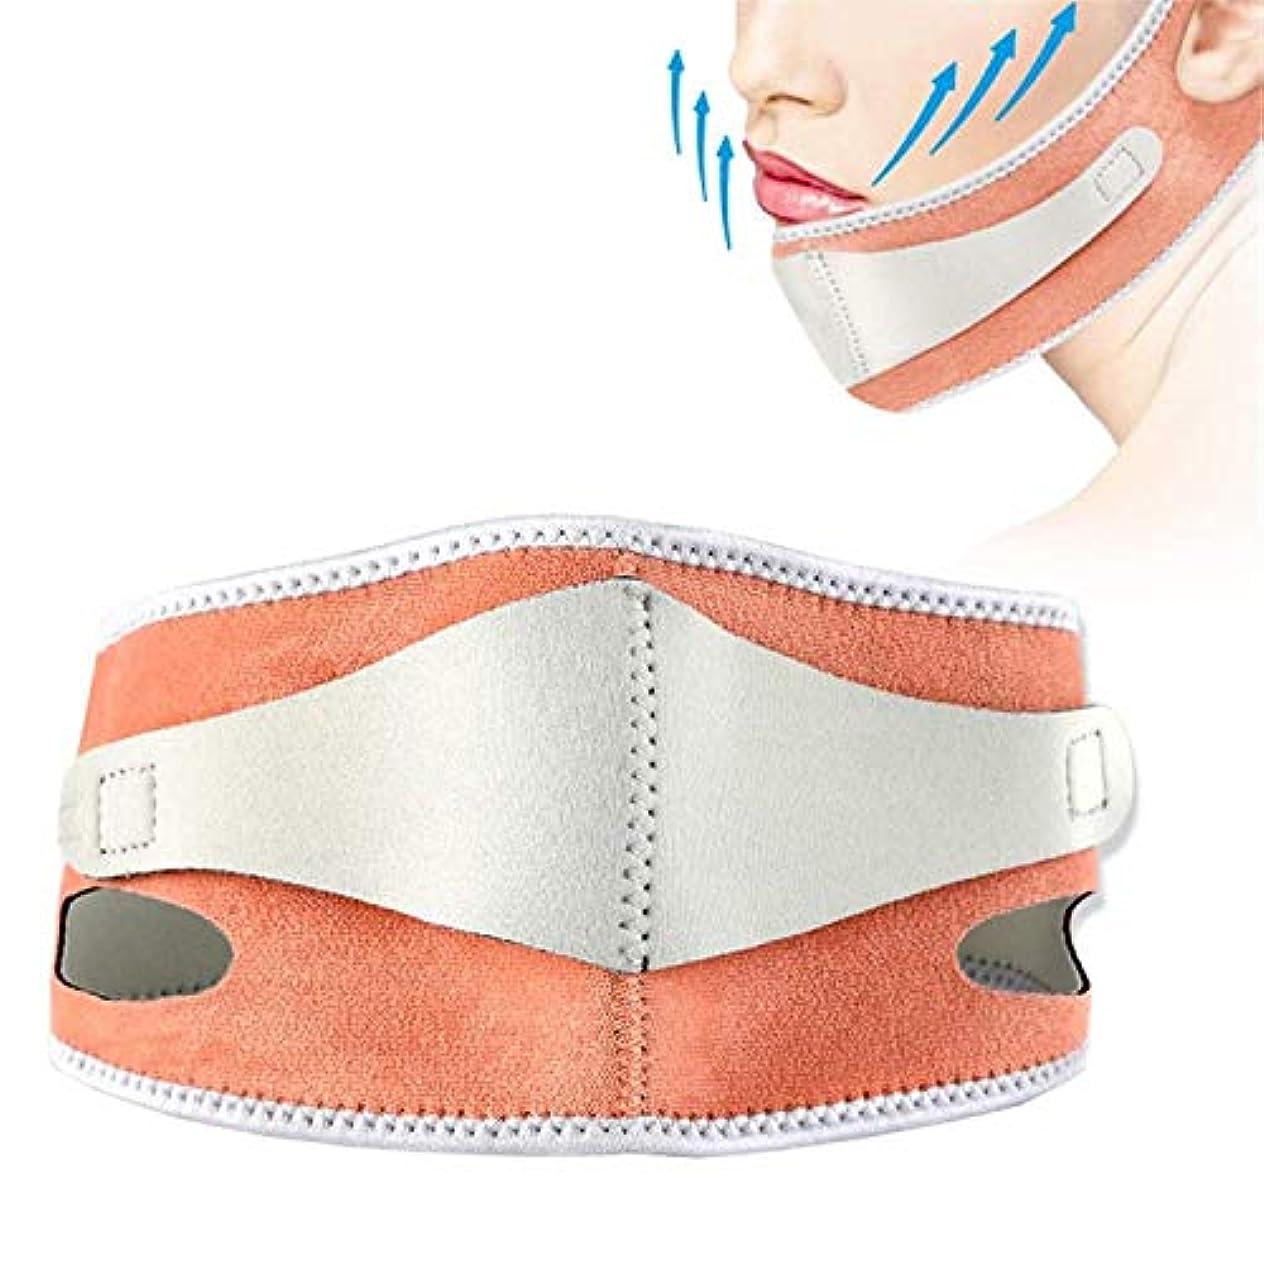 伝統補助報いるフェイシャルスリミングベルト、Vフェイスシェイピングベルト、頬補強ベルト、美容弾性スリーブ薄い顔術後回復包帯、減量包帯を削除するには二重あご、フェイスリフト減量睡眠マスク包帯